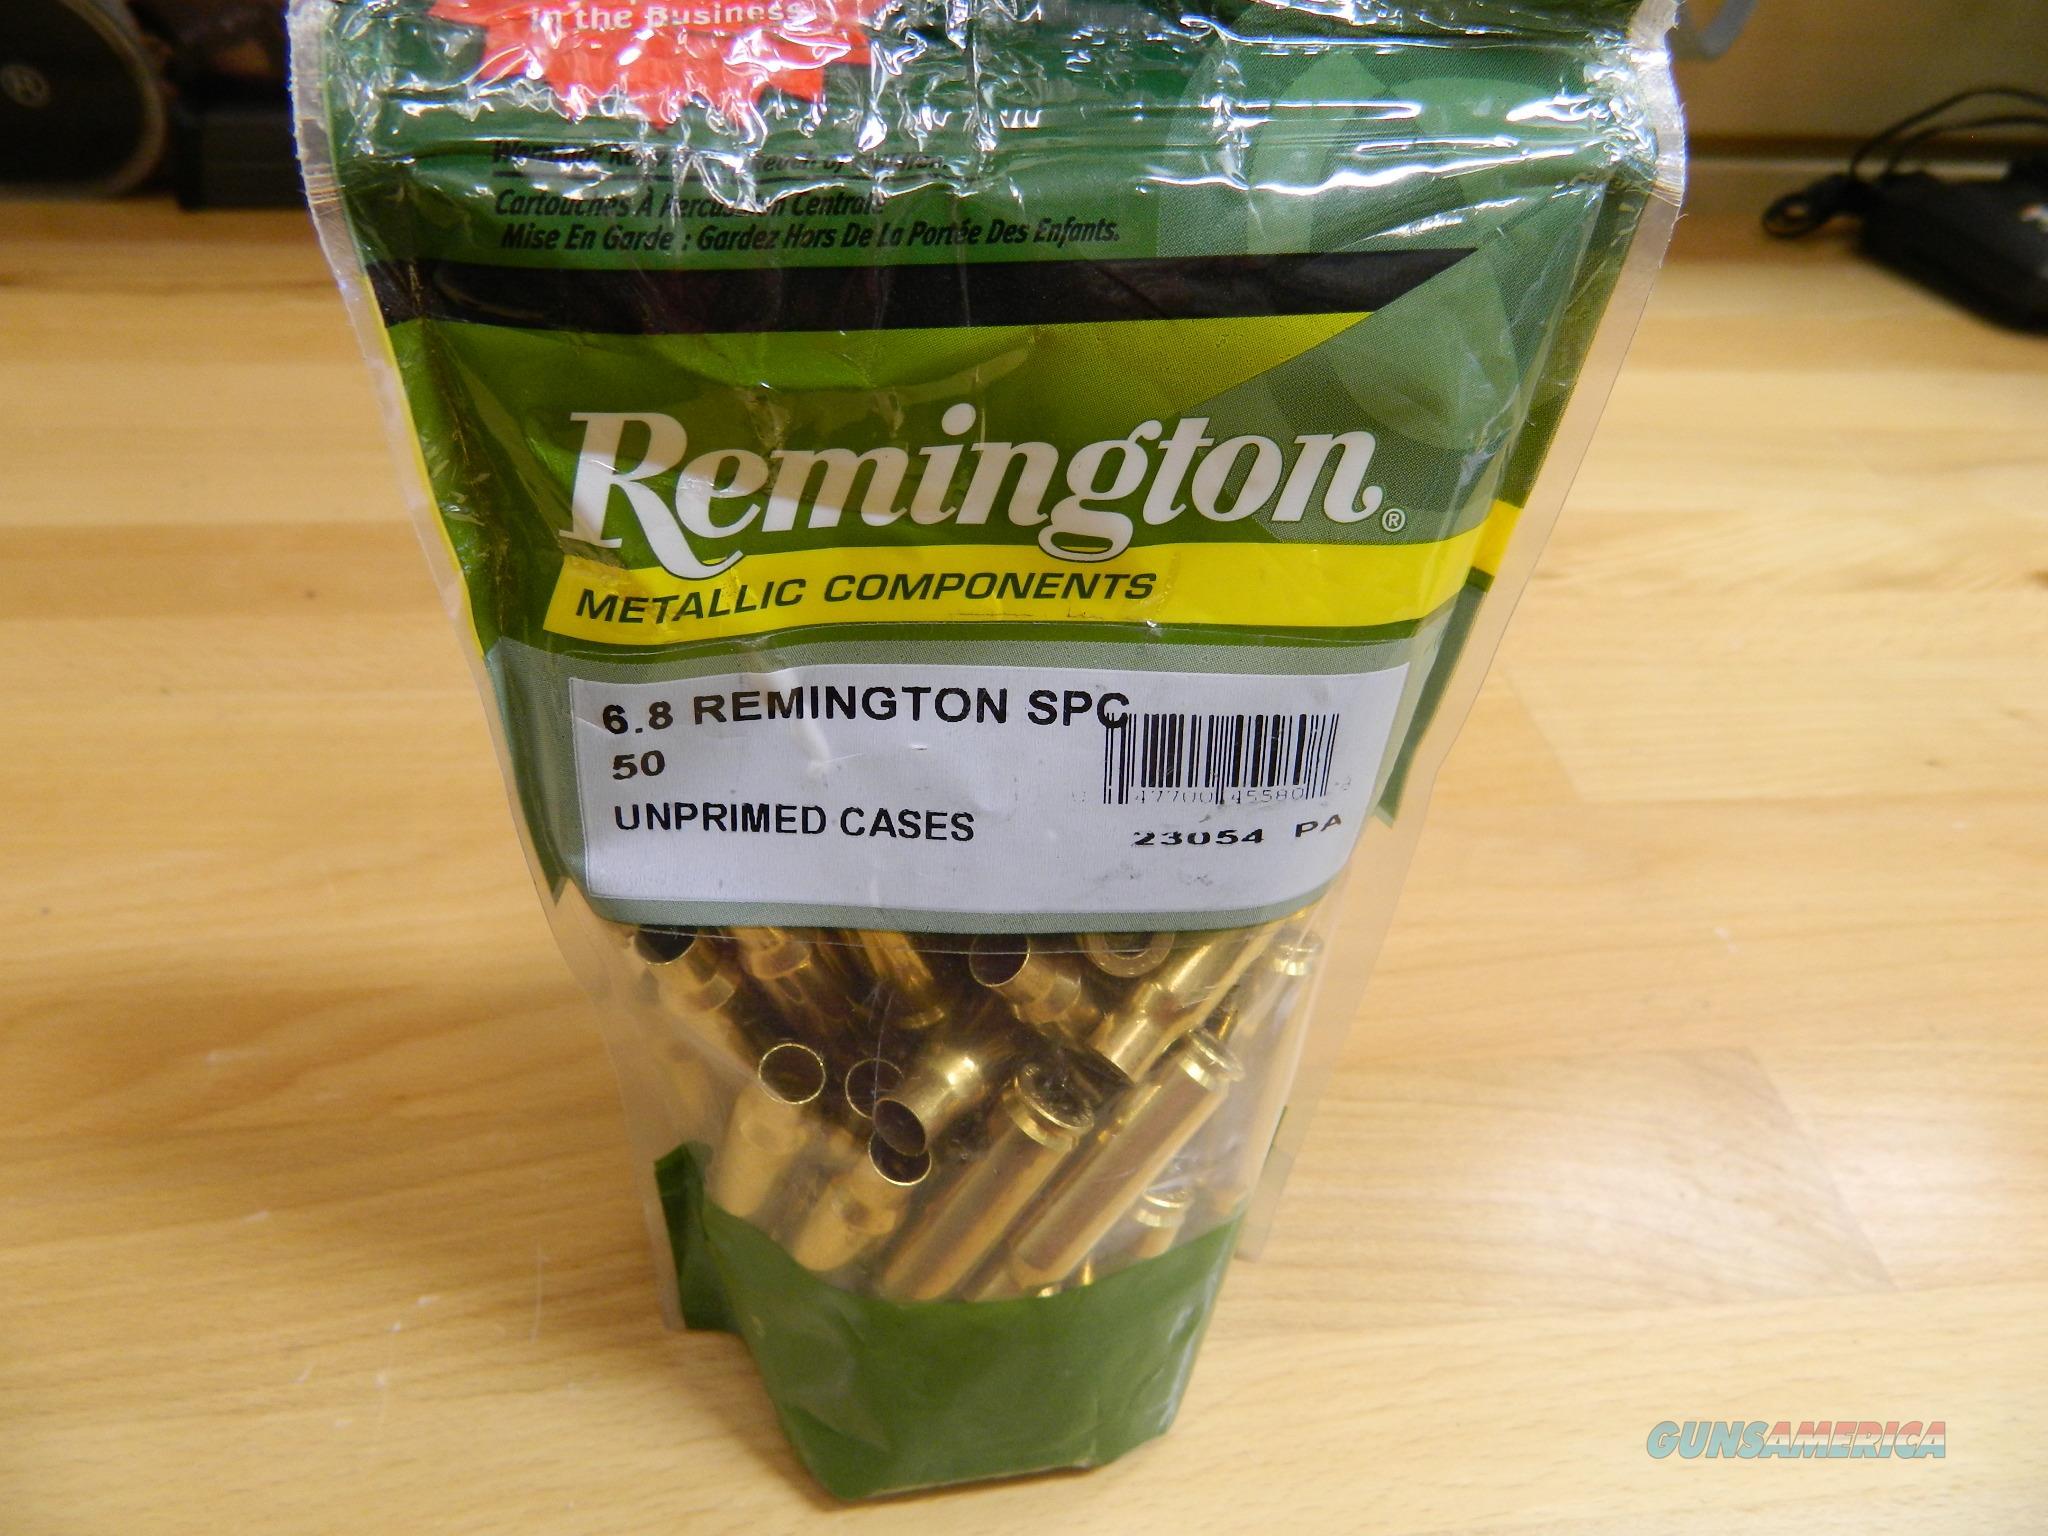 Remington 6.8 Remington SPC unprimed cases 50  Non-Guns > Reloading > Components > Brass